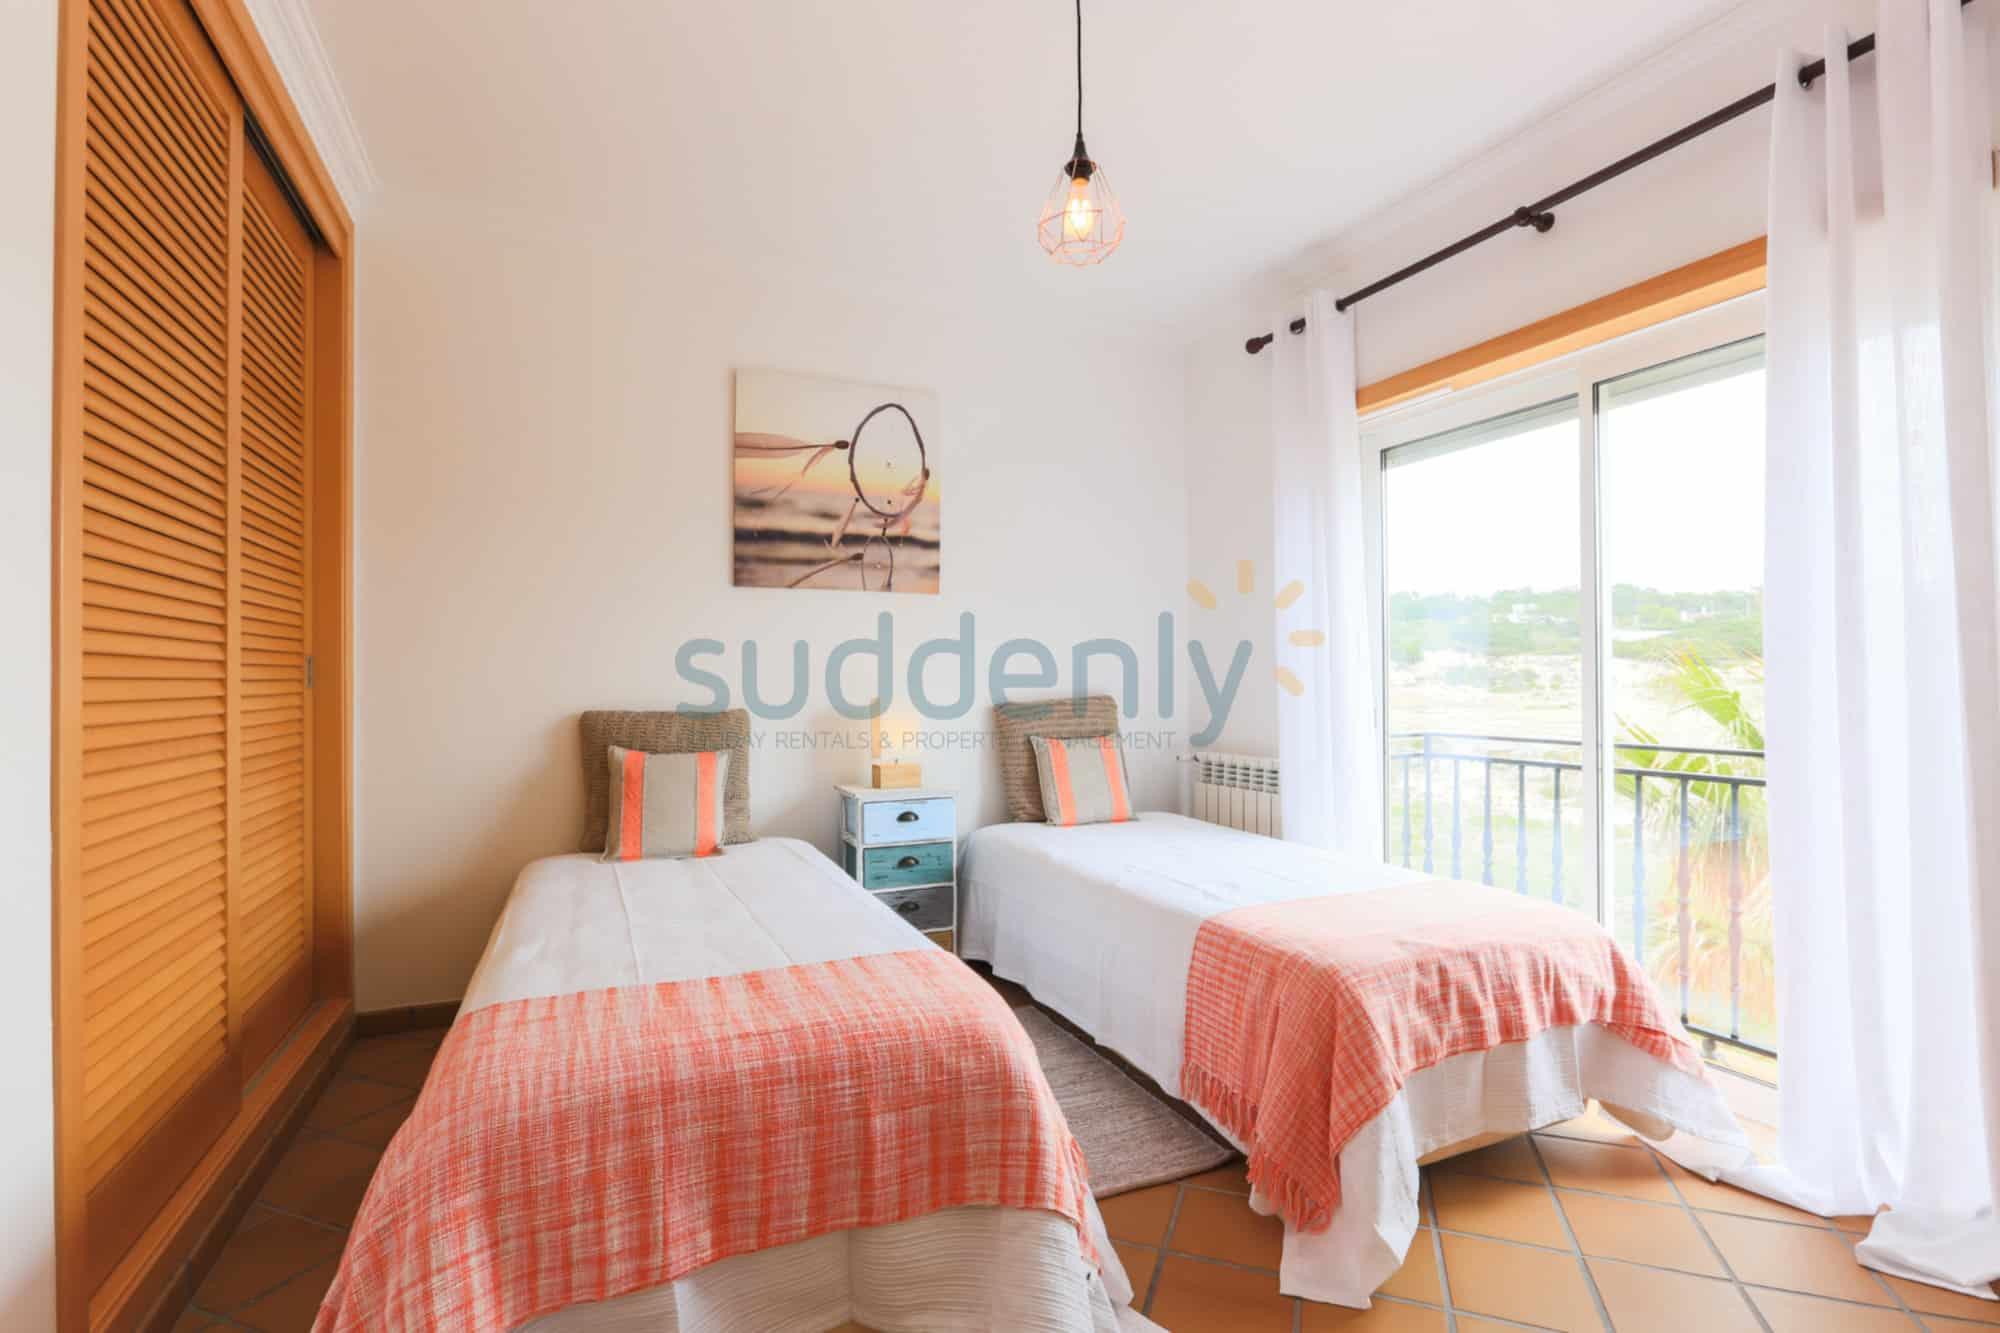 Holiday Rentals in Praia D'El Rey 300